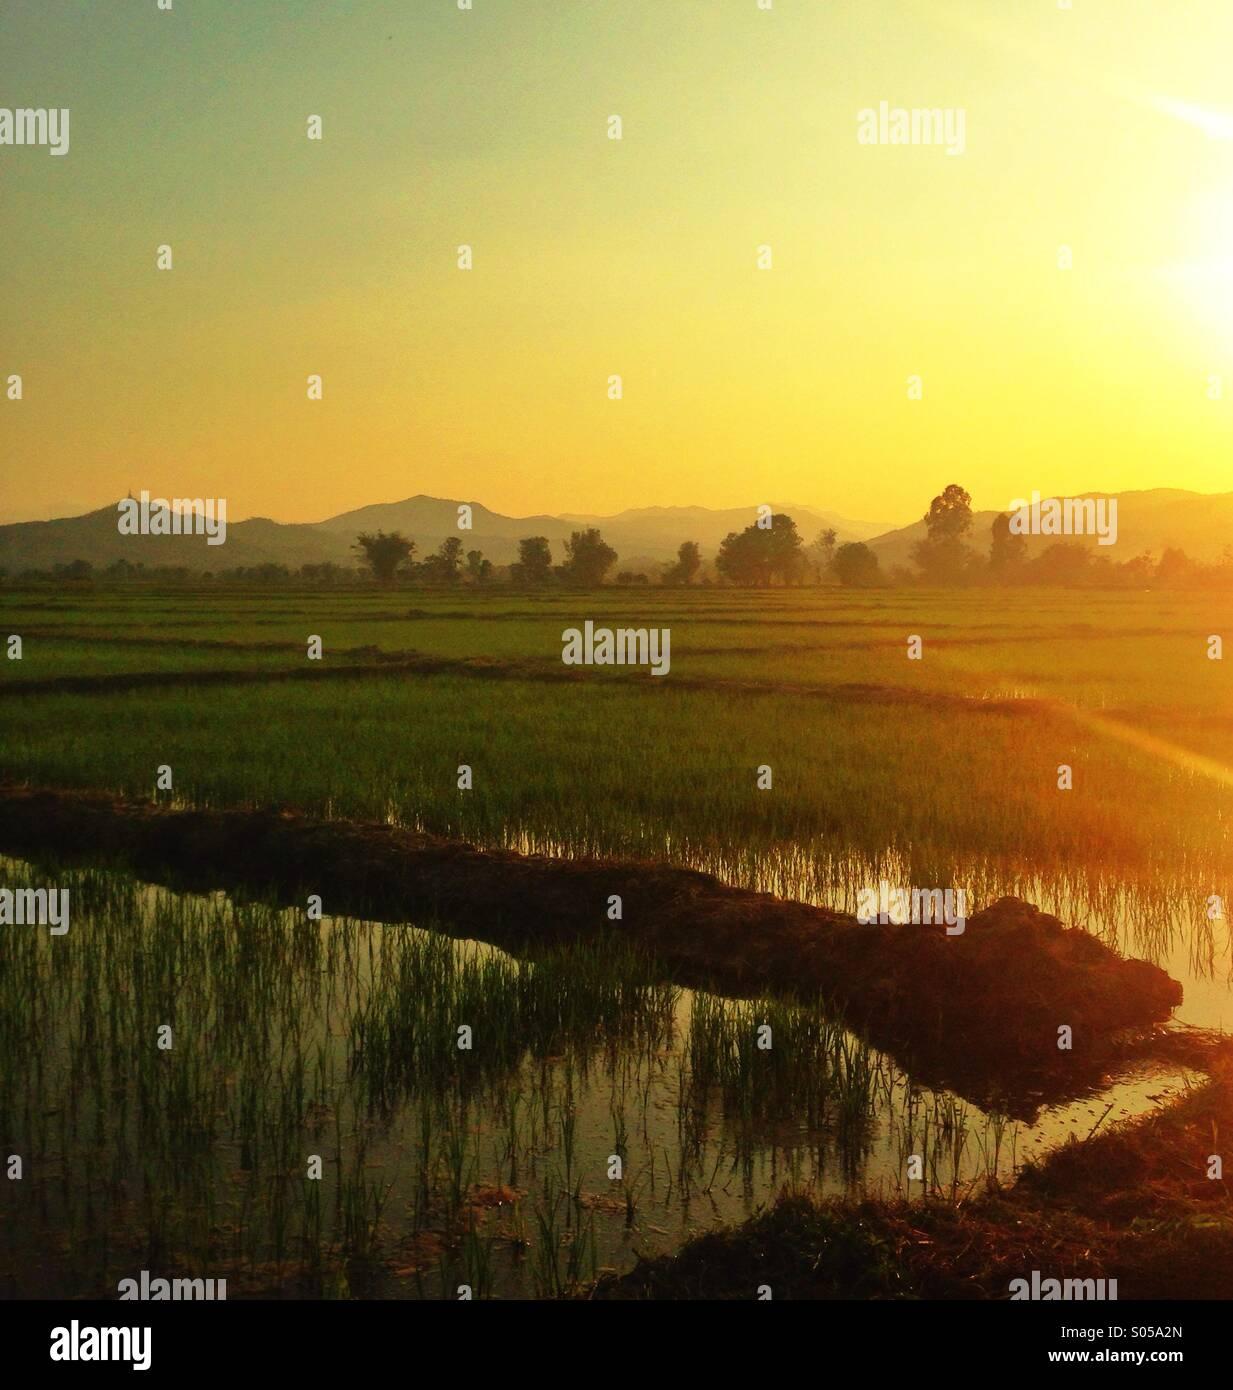 Campo di riso tramonti Immagini Stock